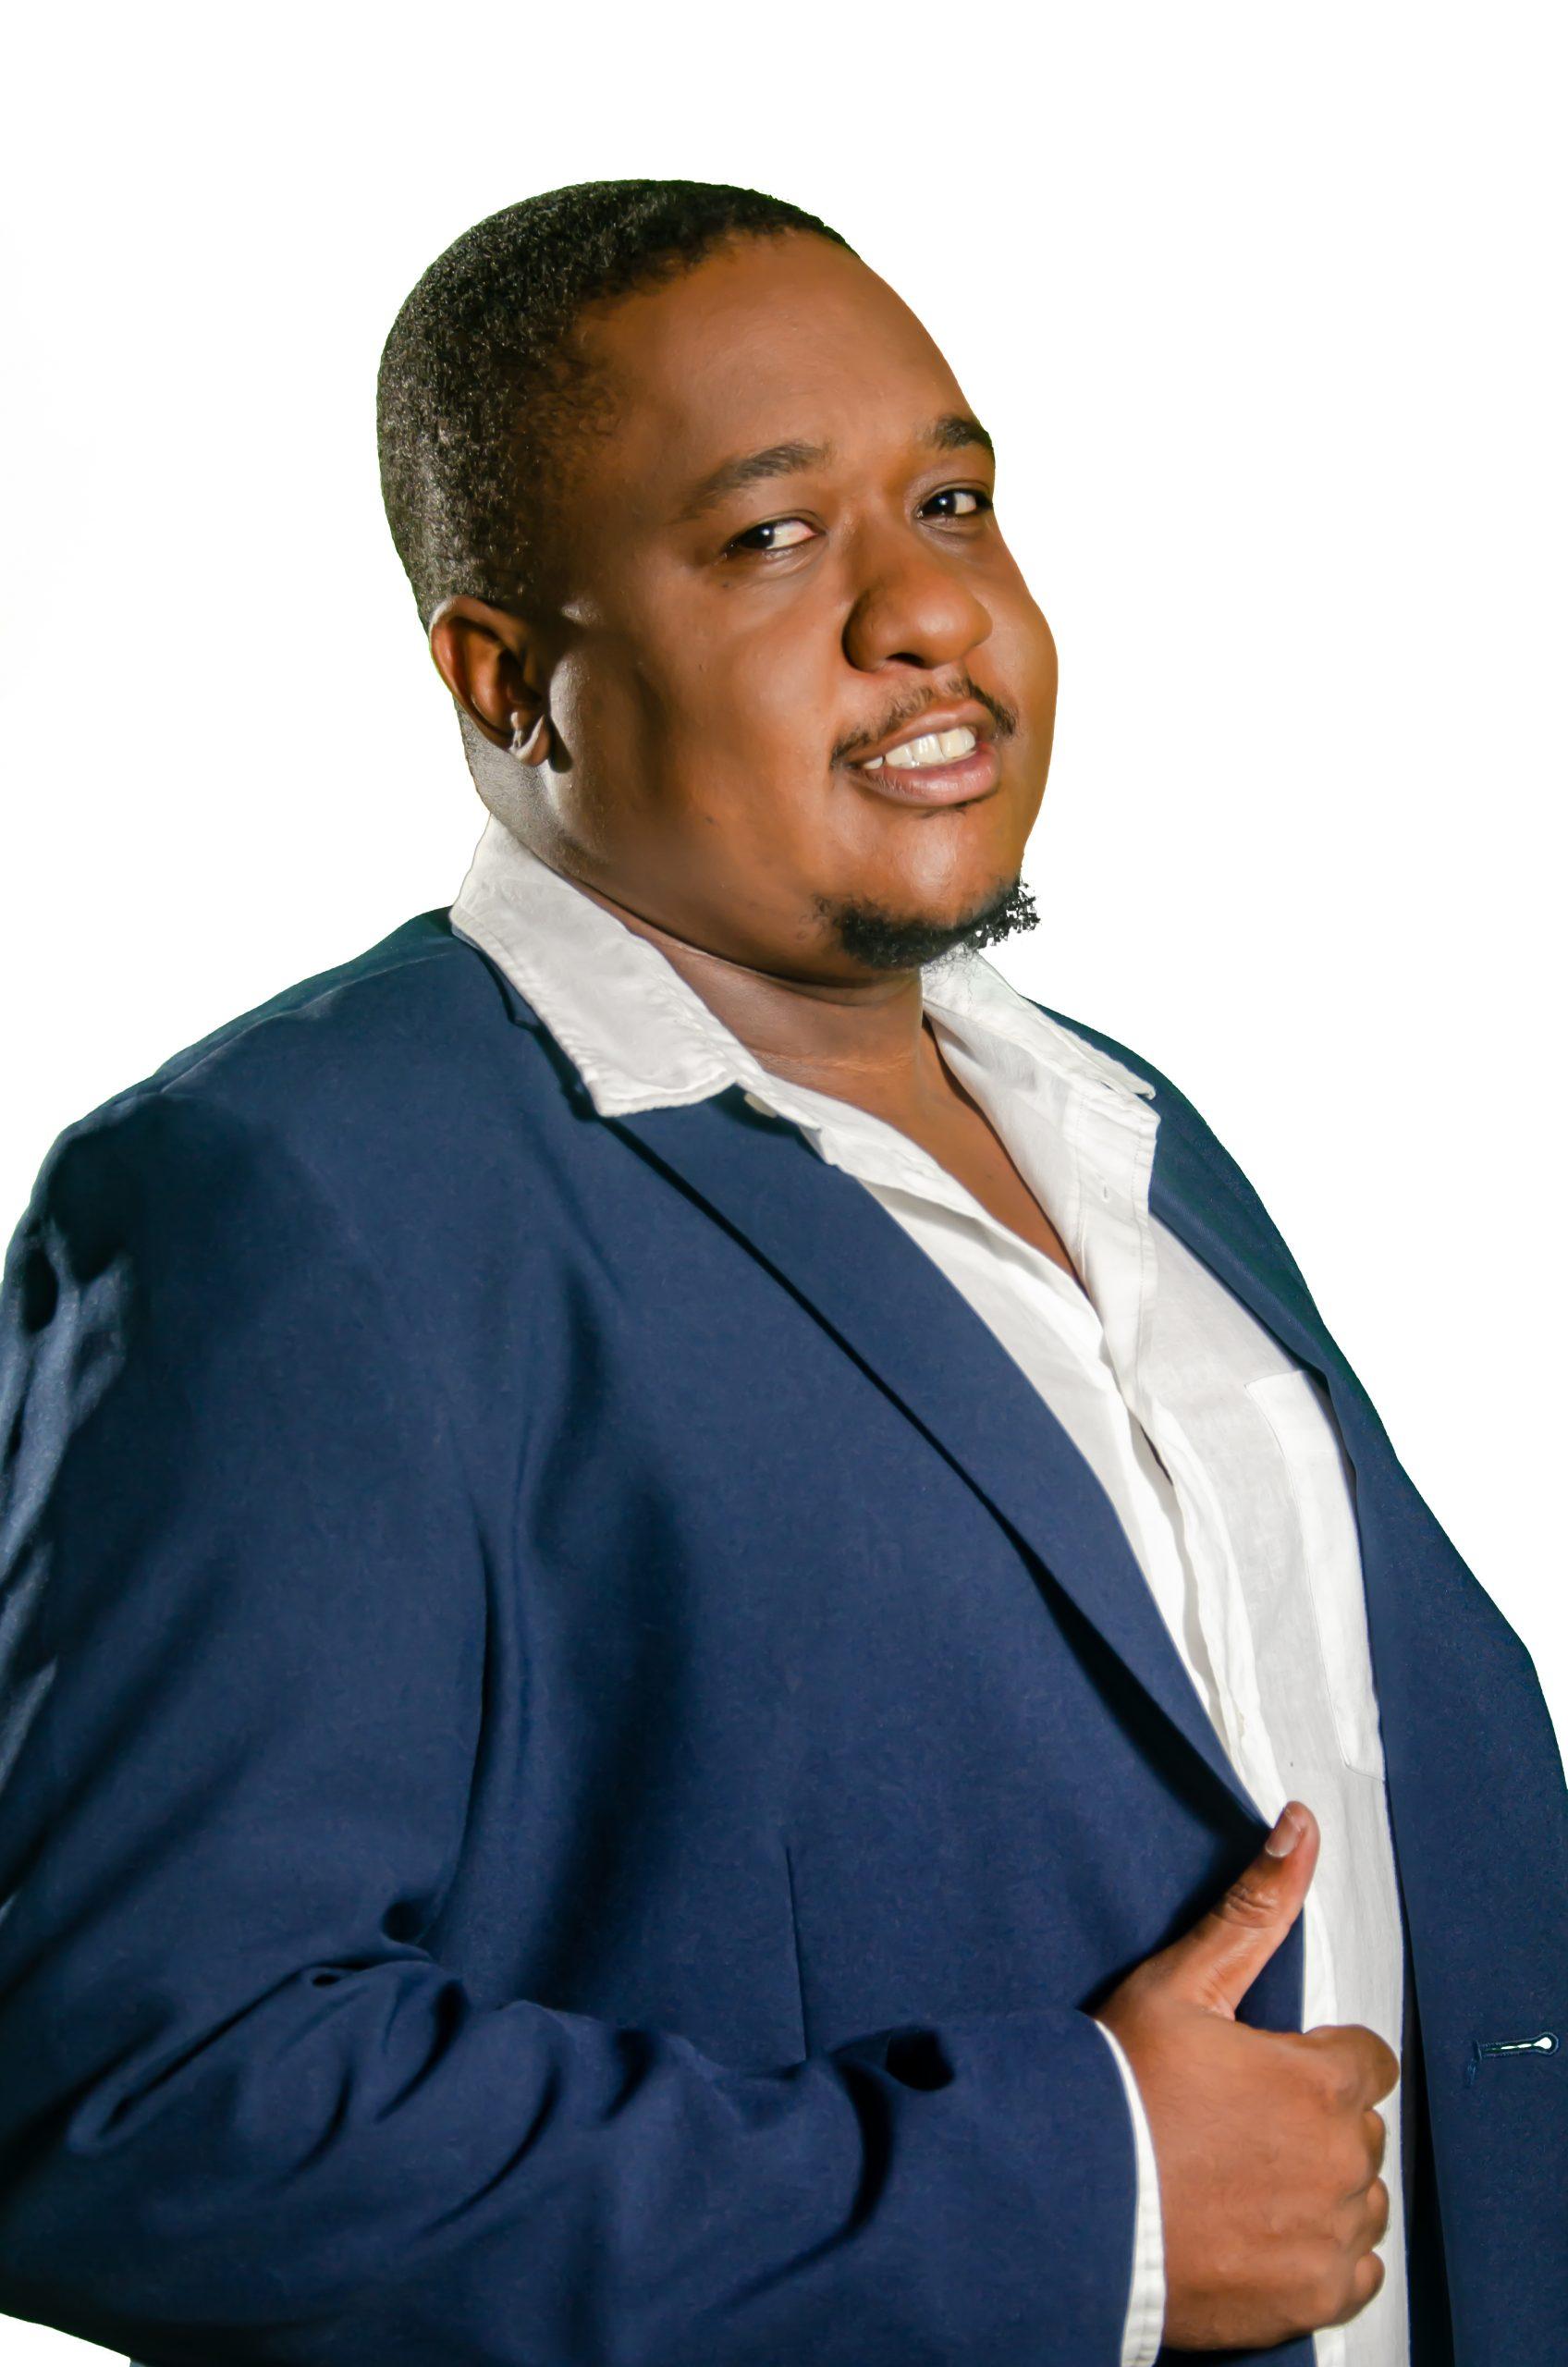 Jamal Roach